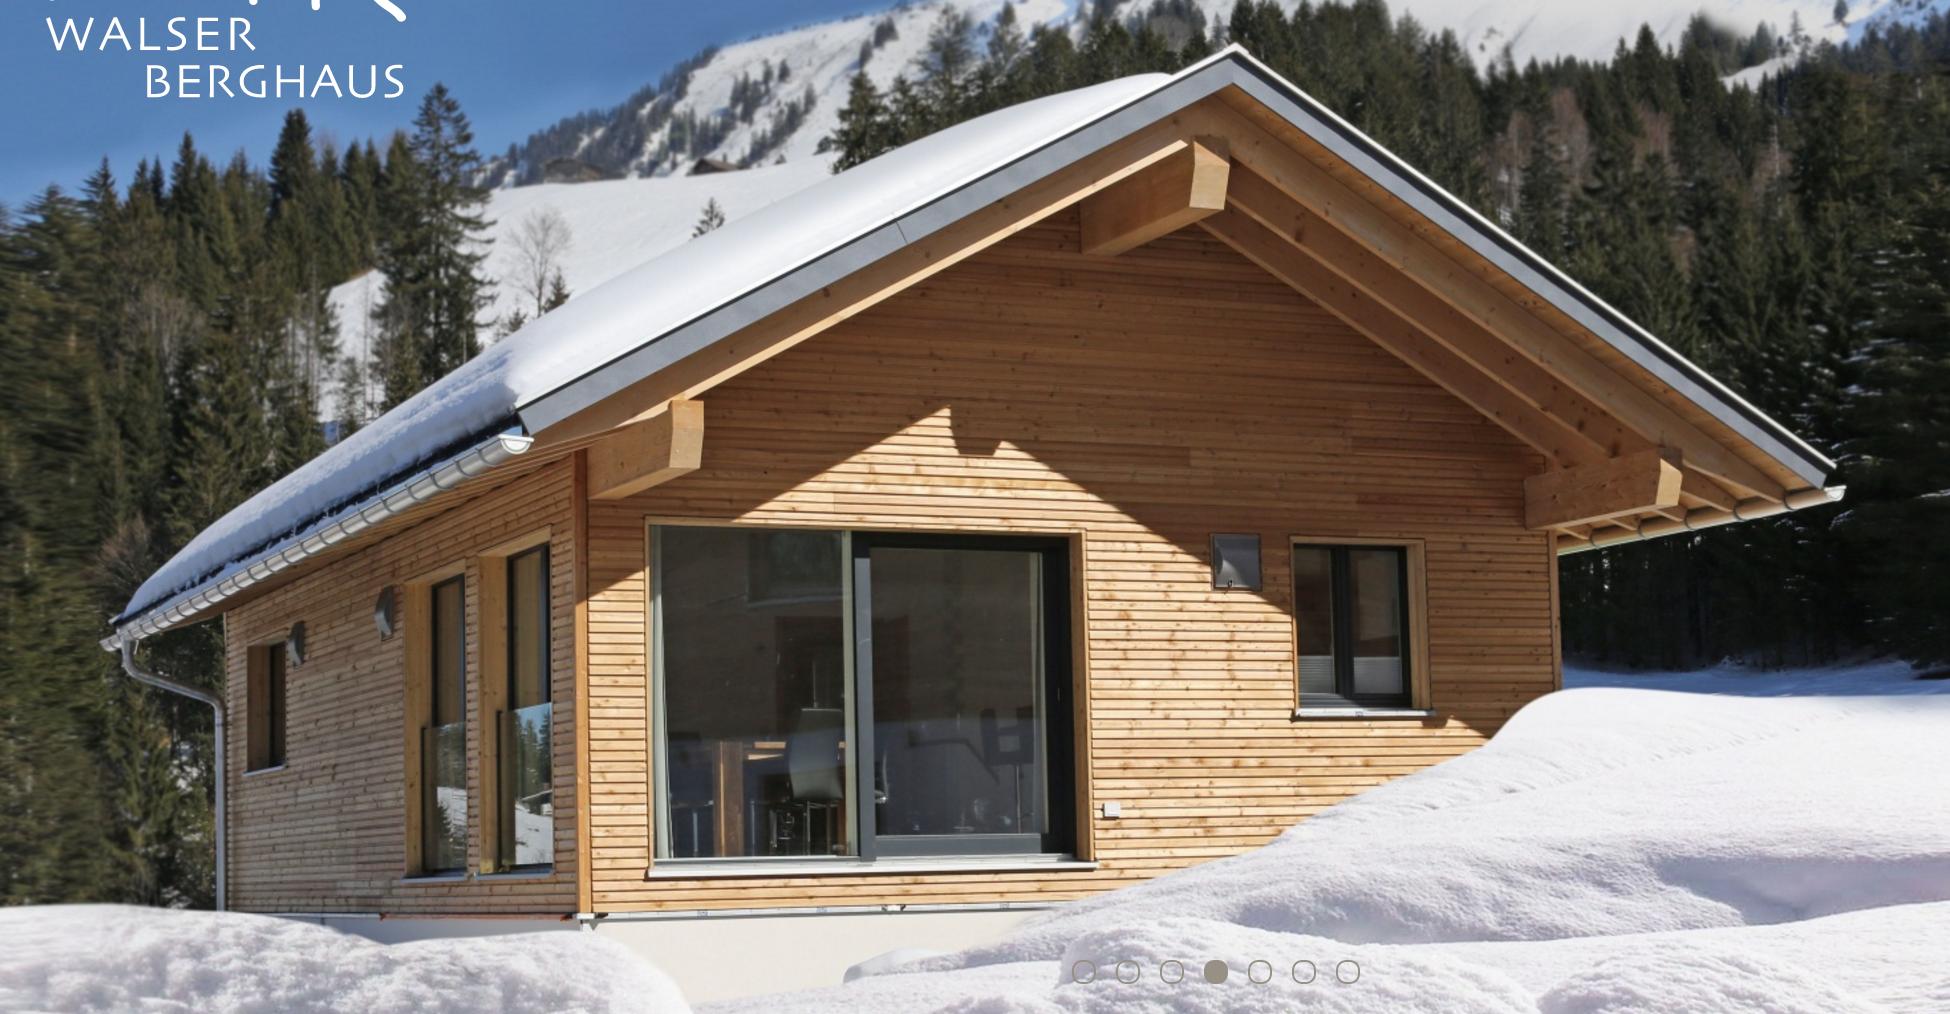 walser berghaus reiseziele reisen mit dem auto. Black Bedroom Furniture Sets. Home Design Ideas